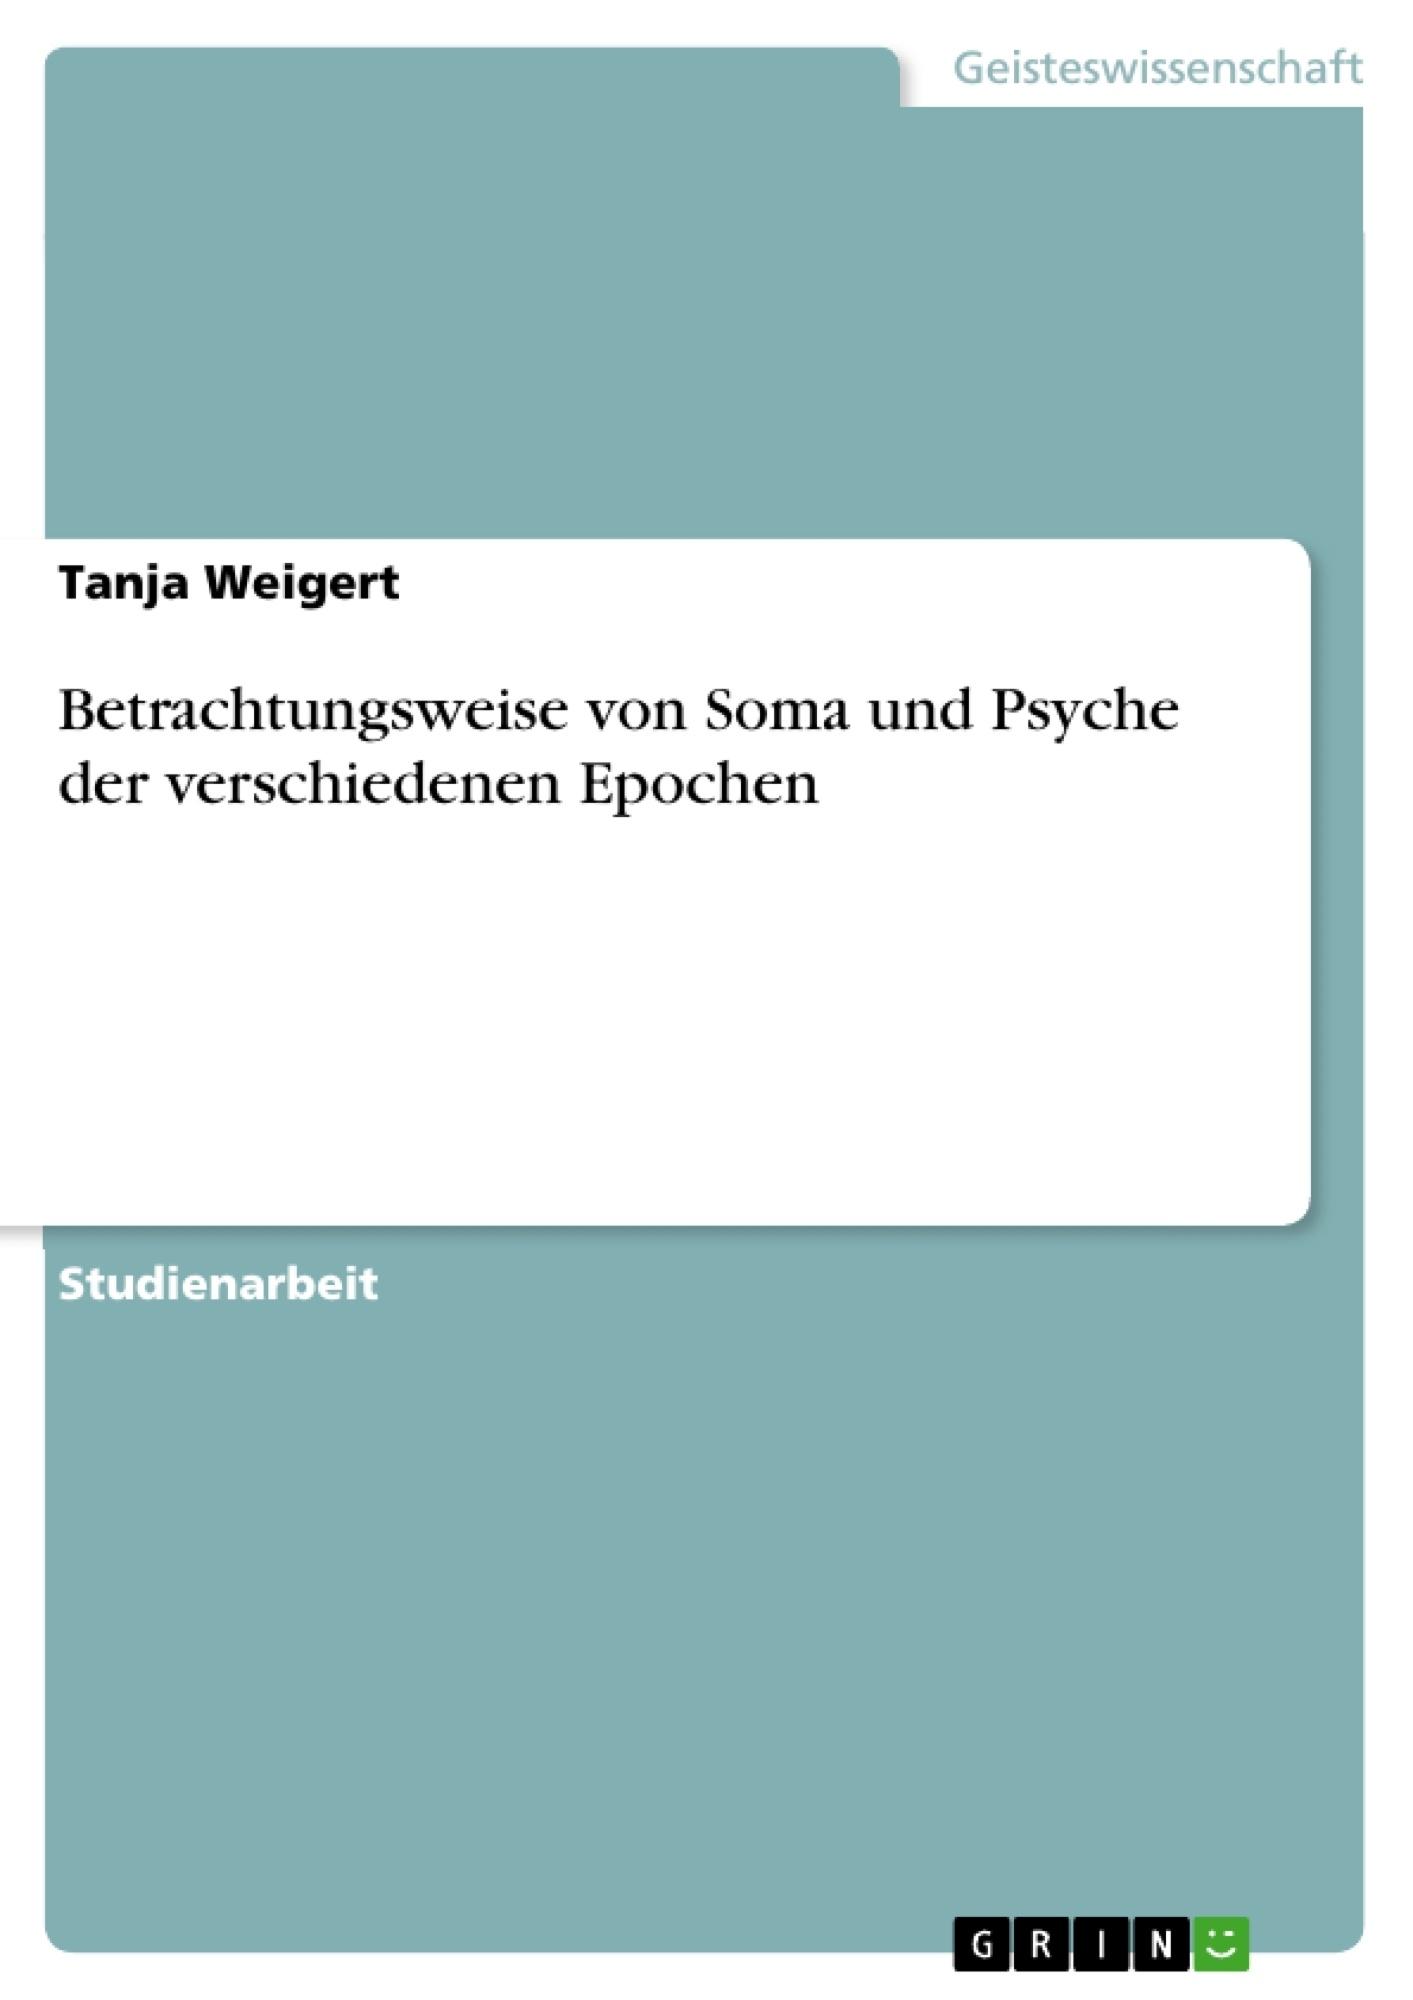 Titel: Betrachtungsweise von Soma und Psyche der verschiedenen Epochen